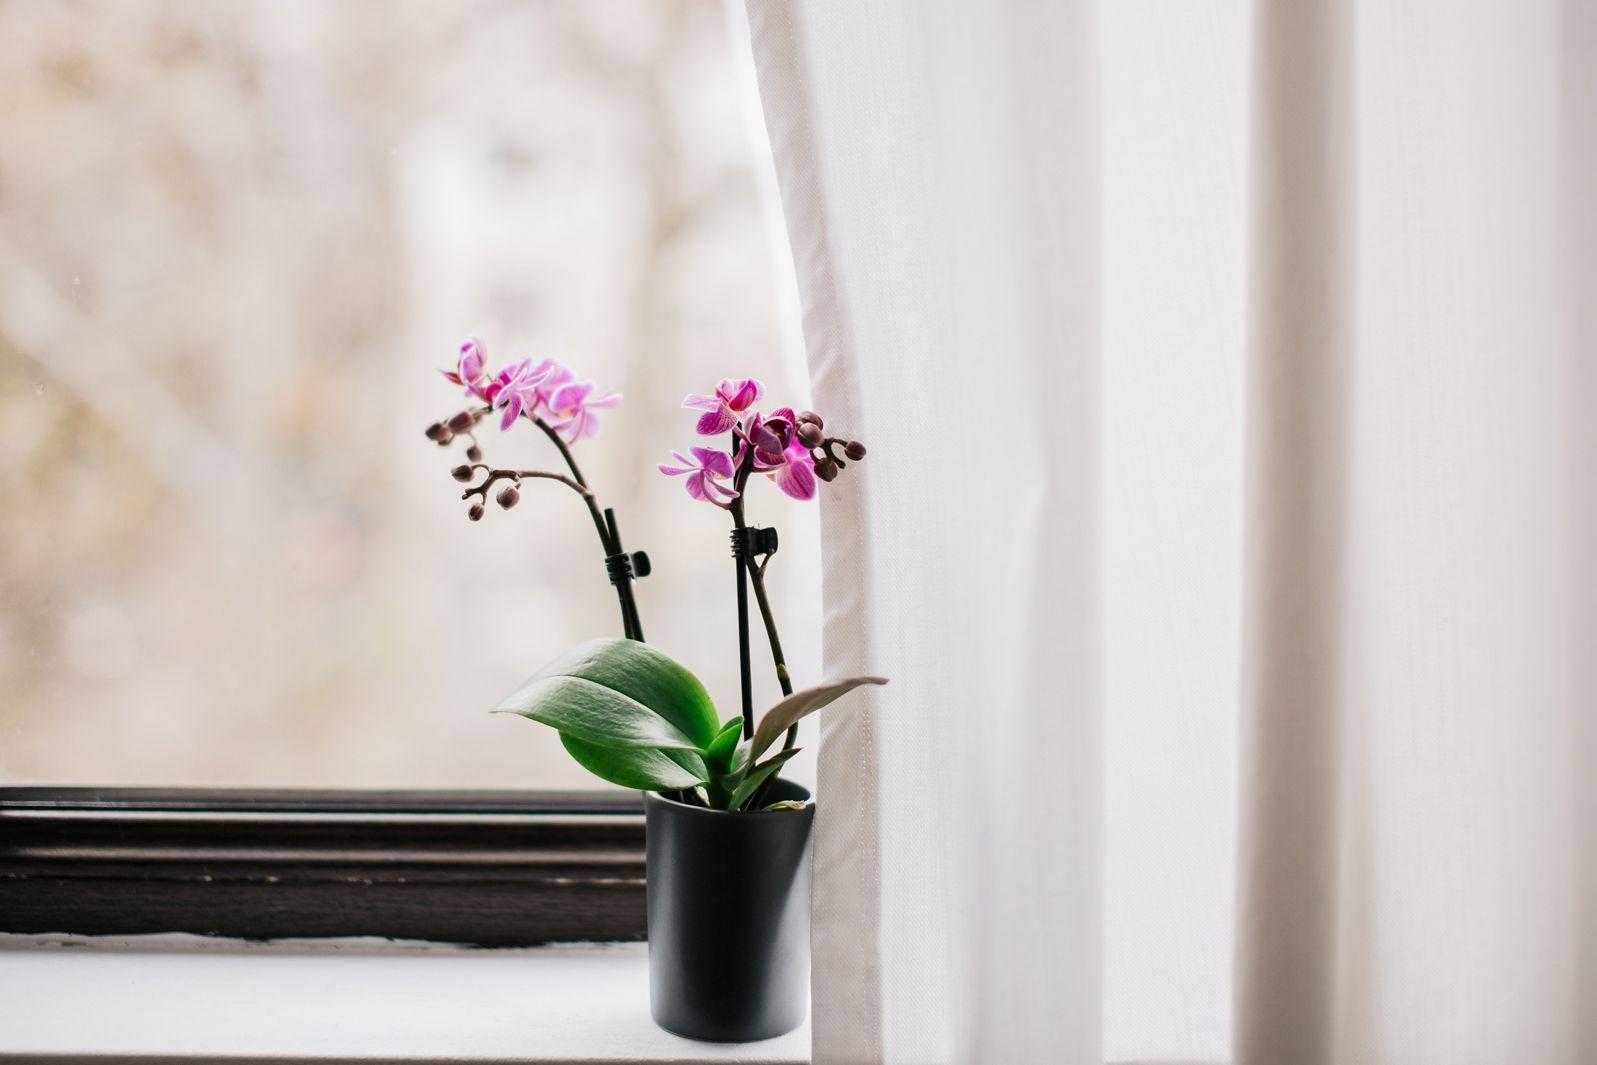 una orquídea en el alféizar de la ventana